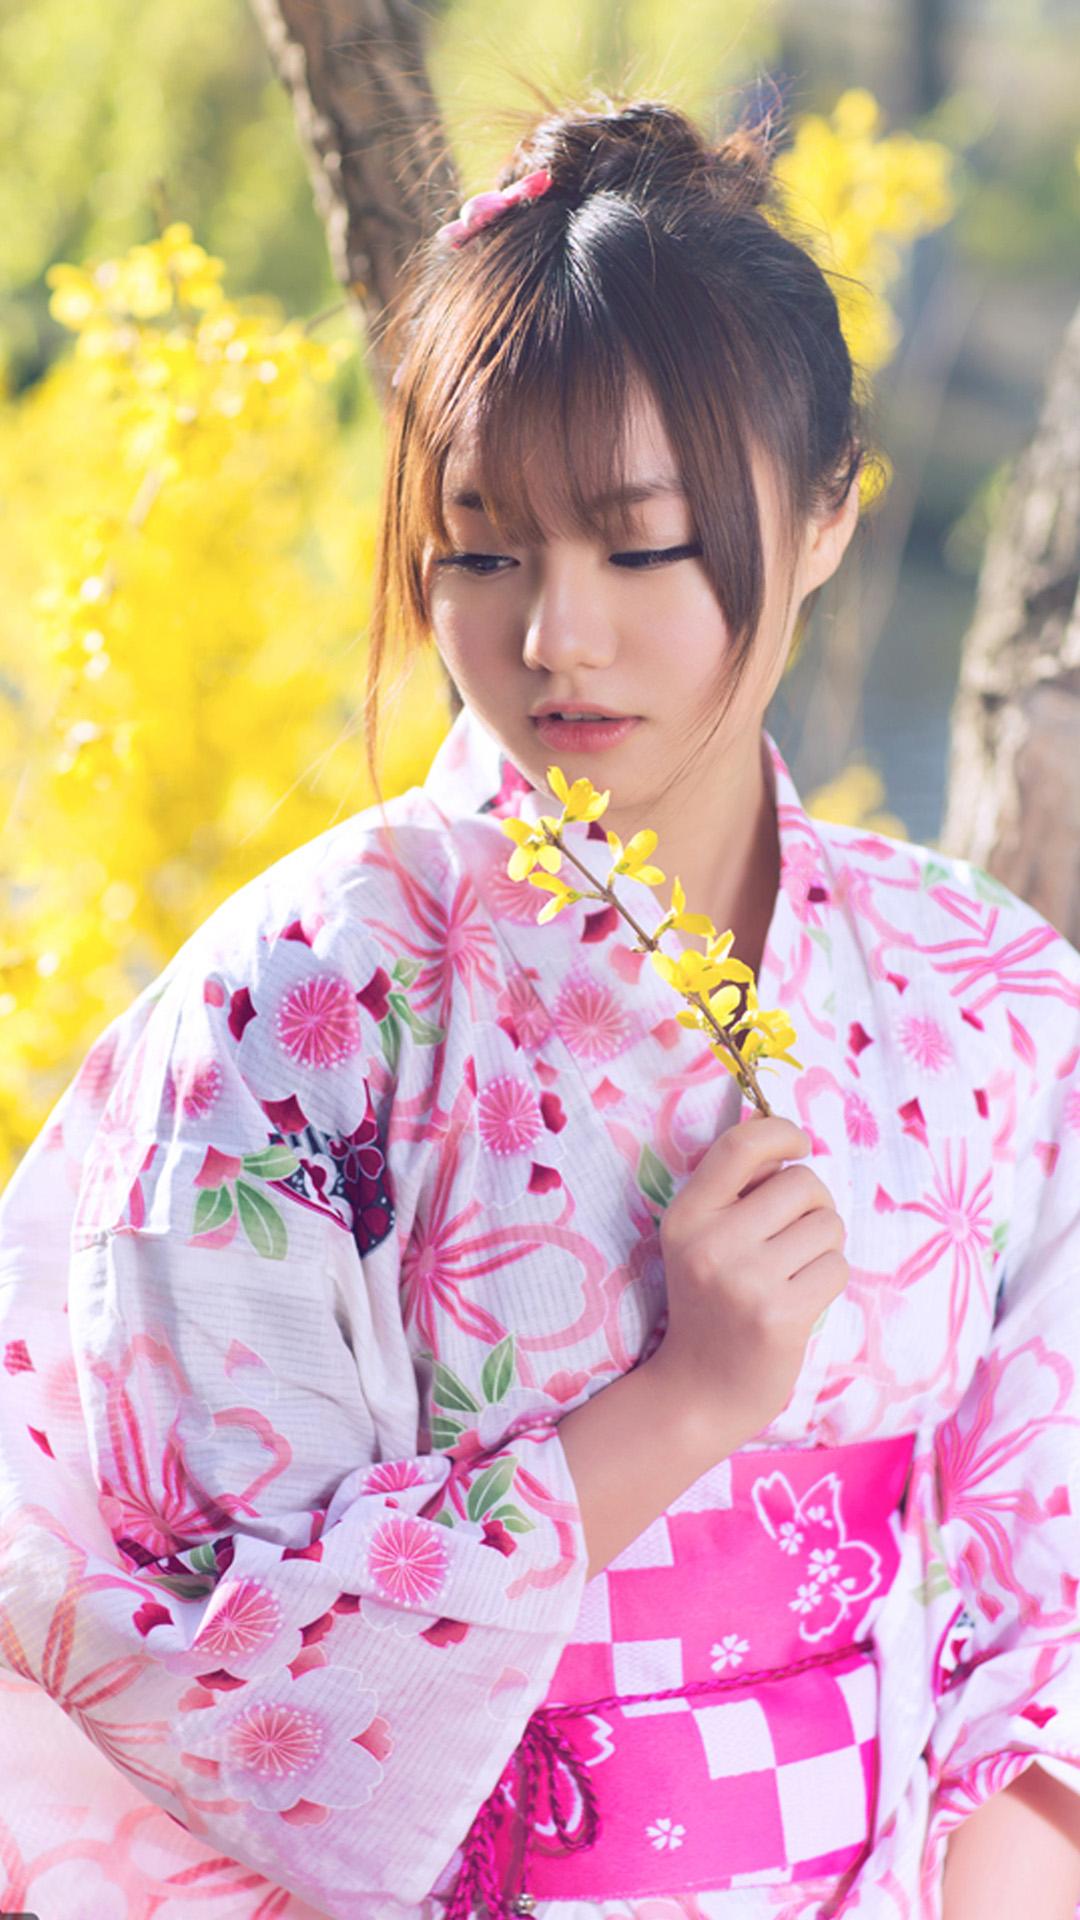 74+ Cute Japanese Wallpaper on WallpaperSafari